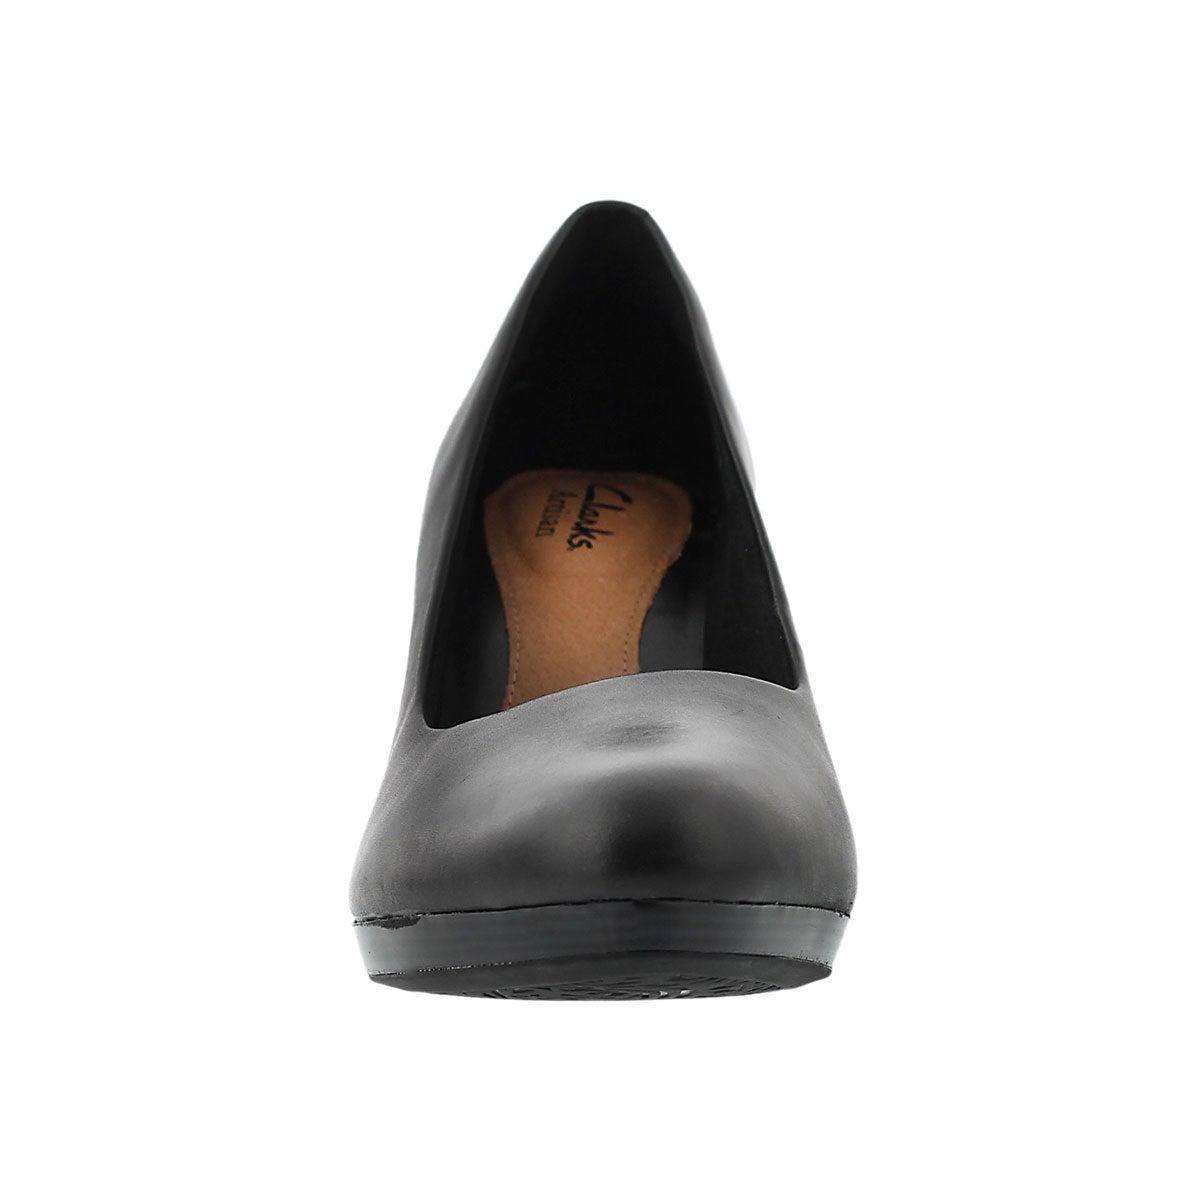 Lds Tempt Appeal black dress pump